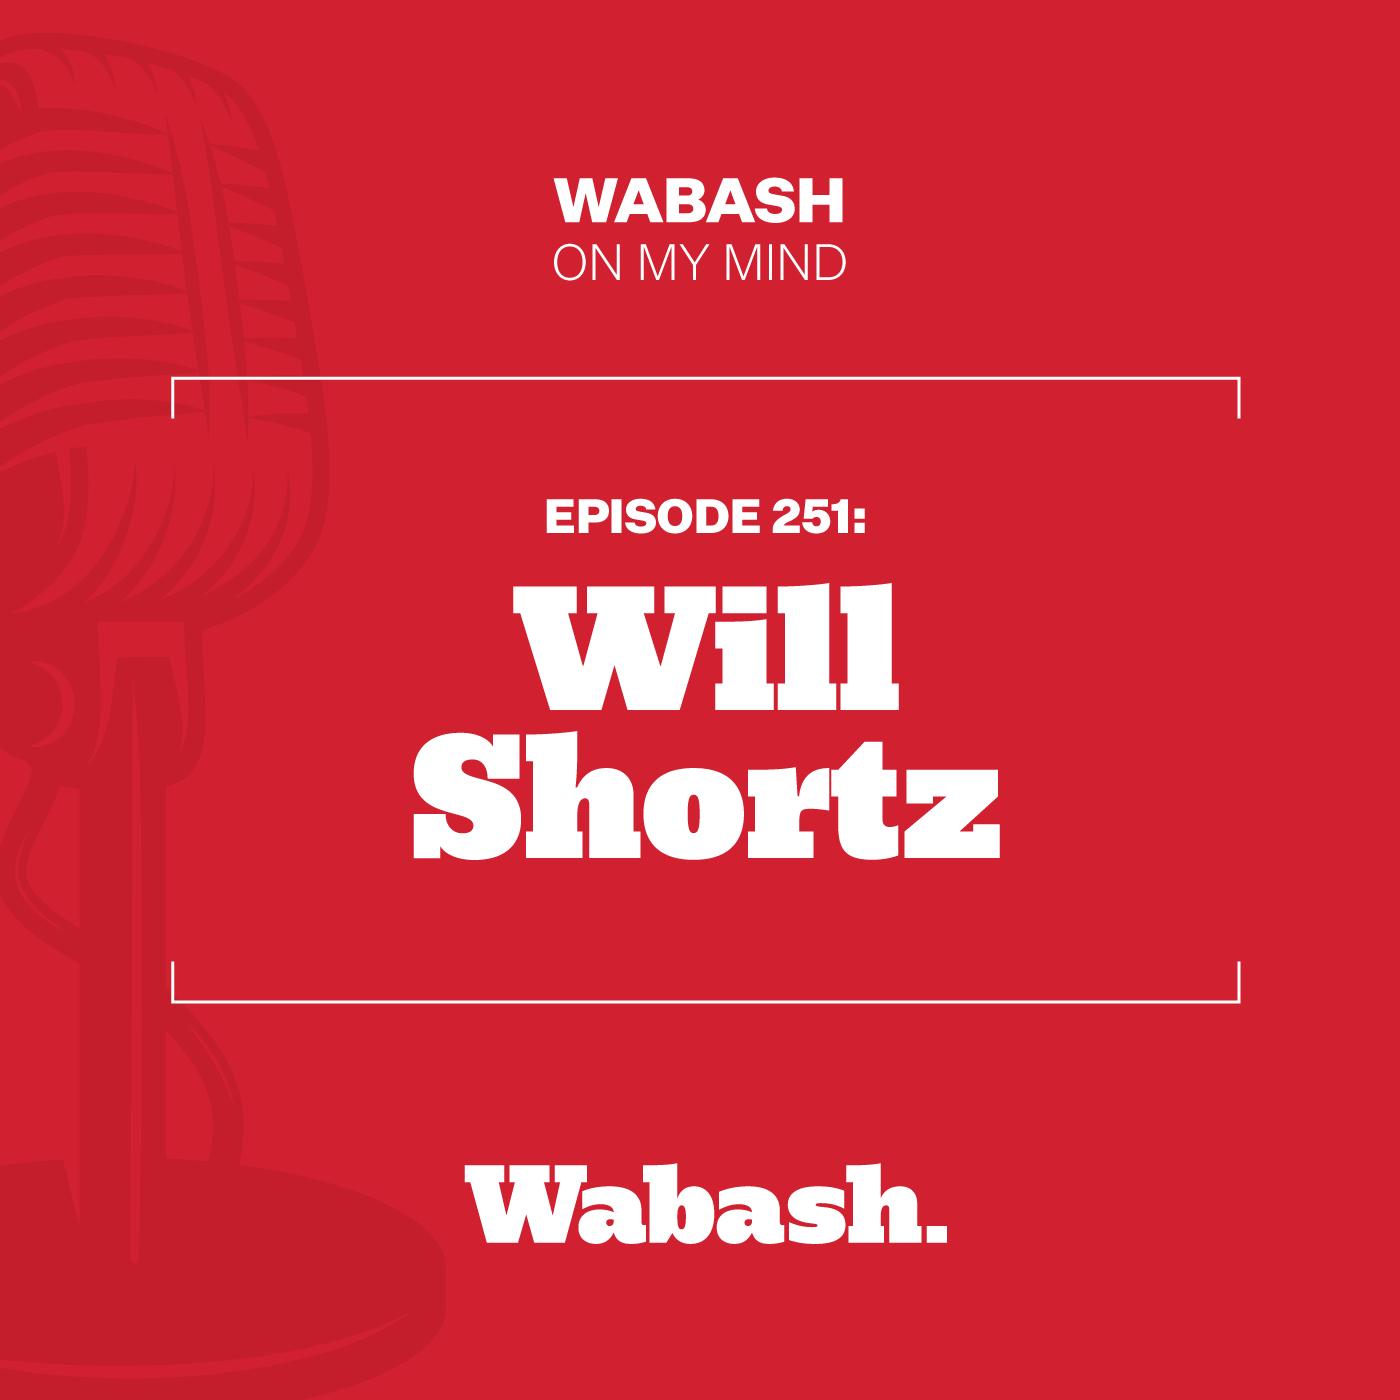 #251: Will Shortz